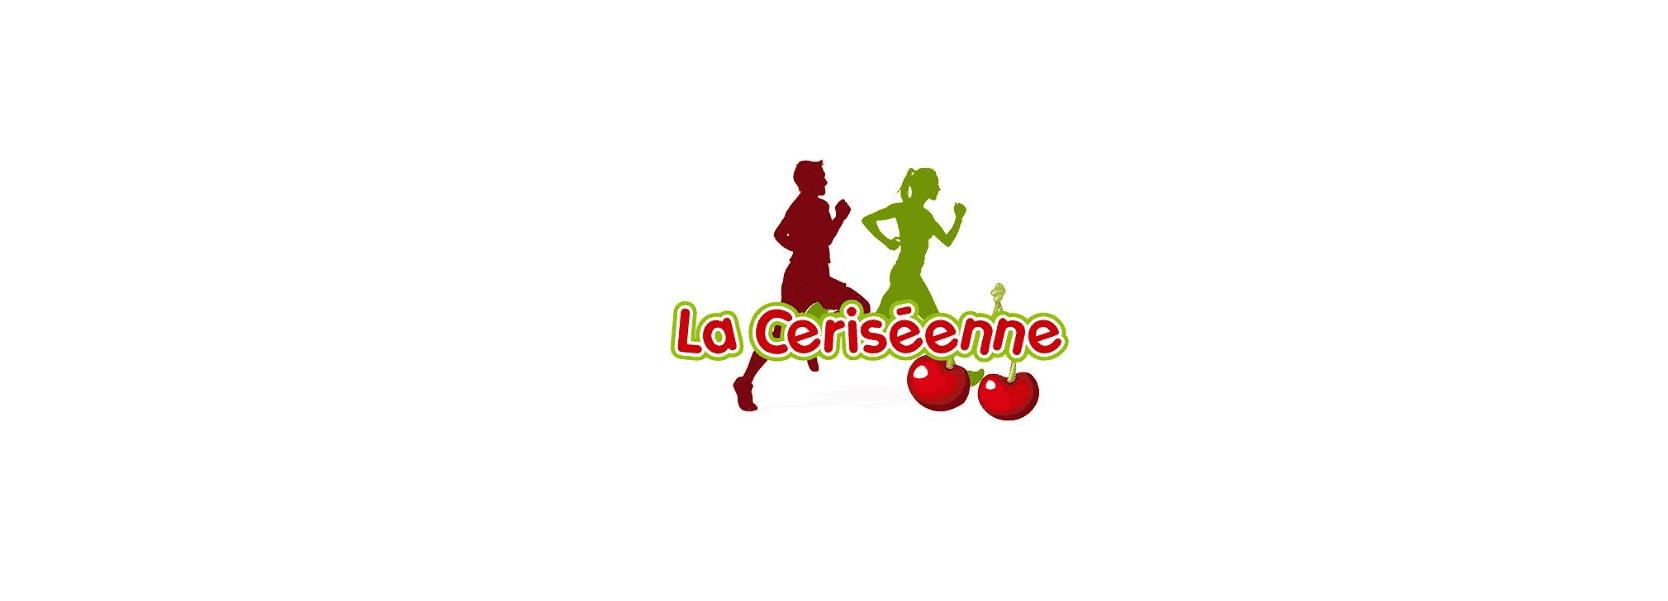 La Ceriséenne édition 2019